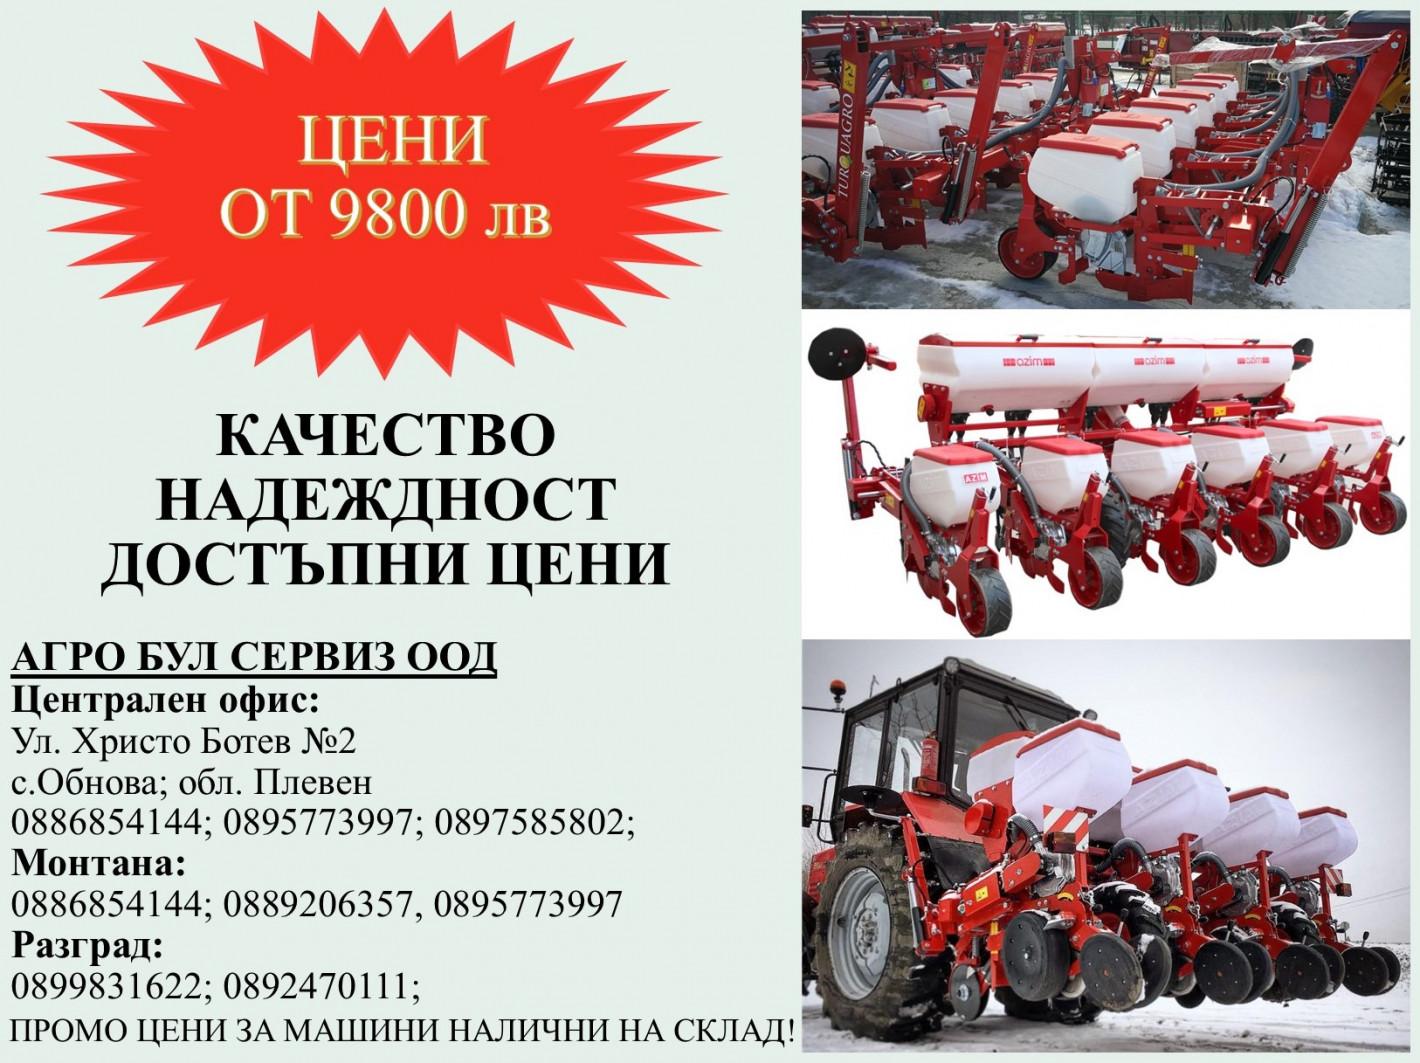 ЦЕНИ ОТ 9800 ЛВ.